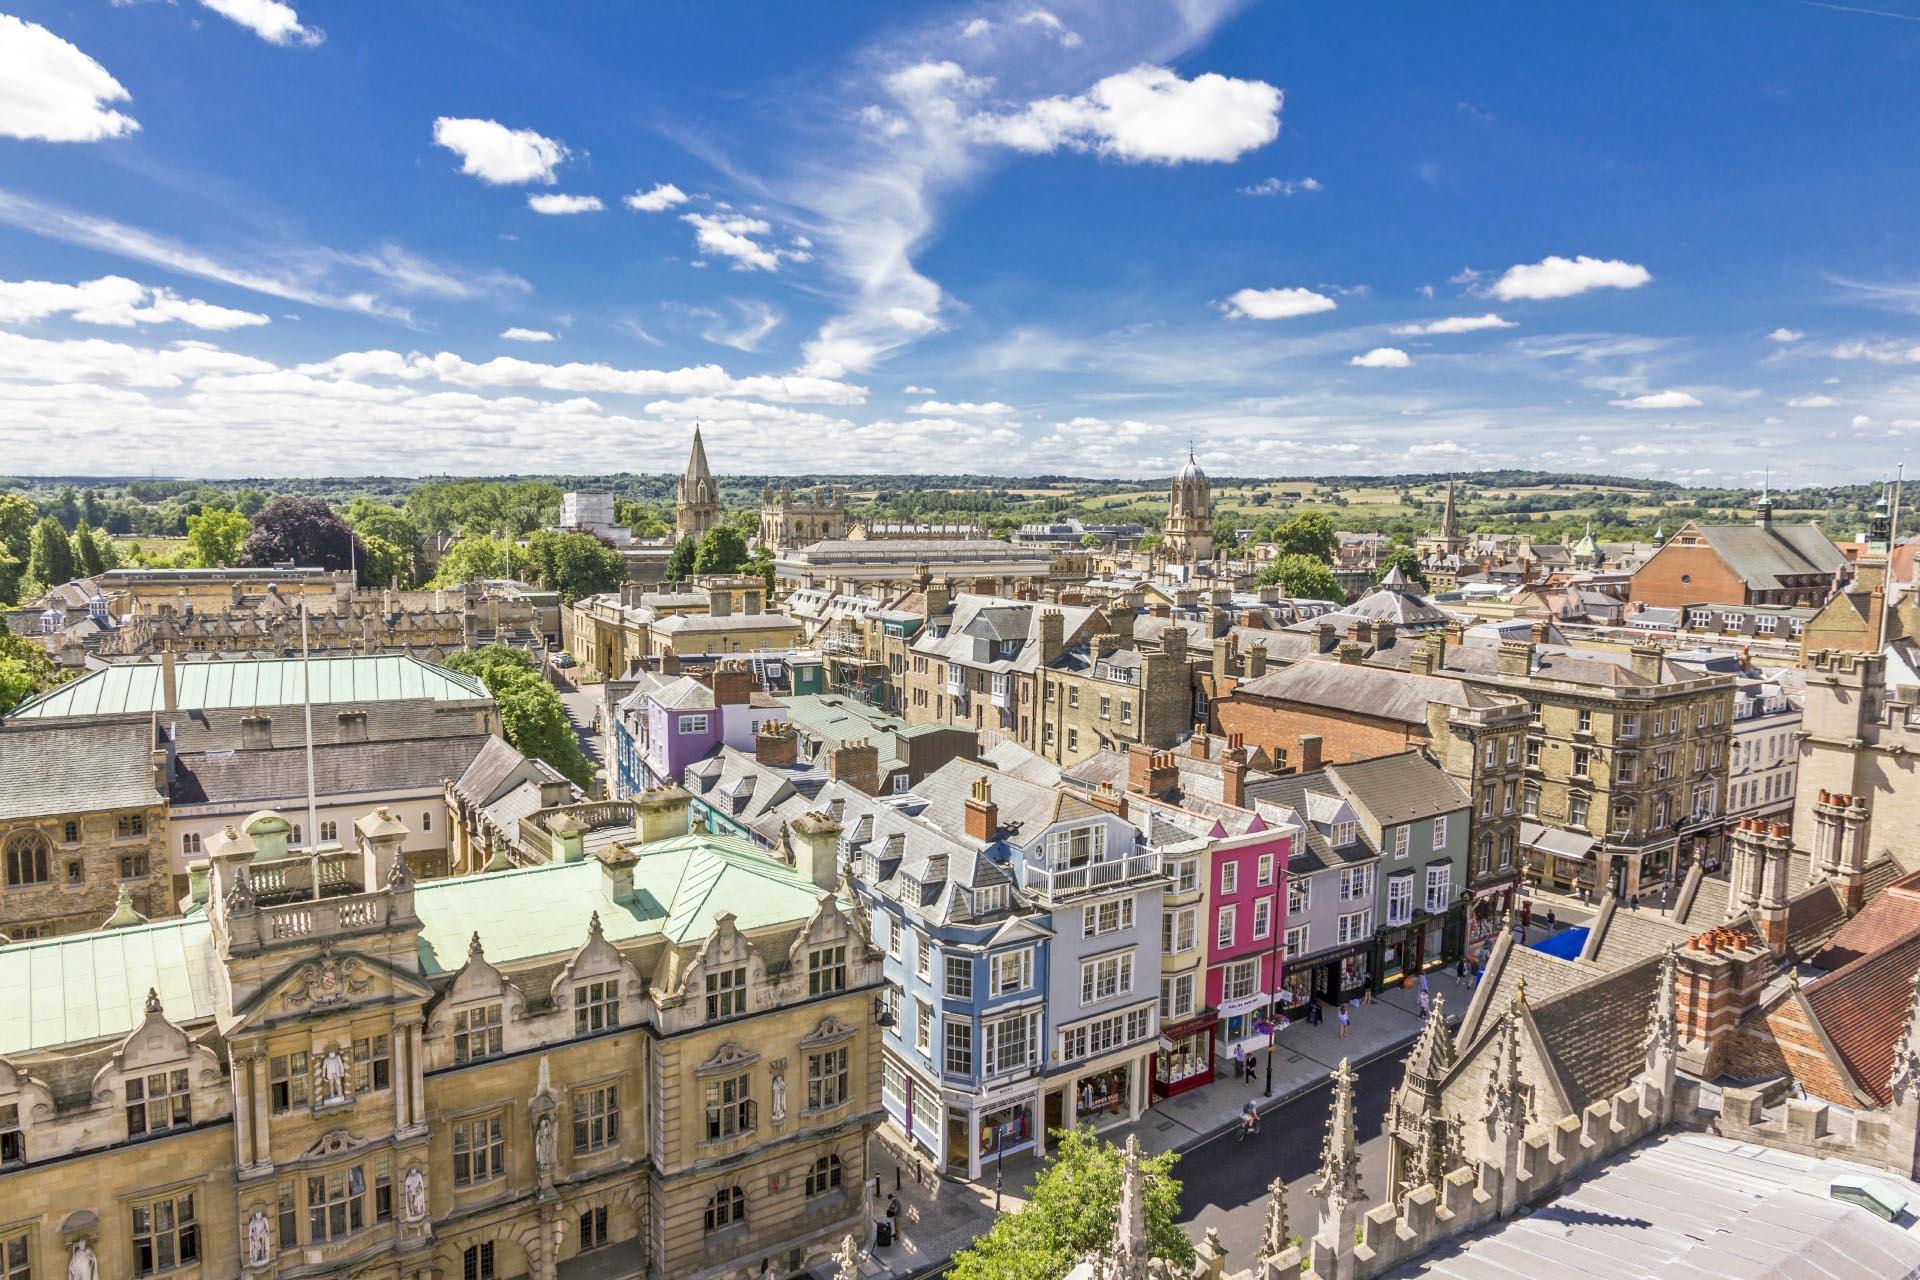 オックスフォードの町並み イギリスの風景